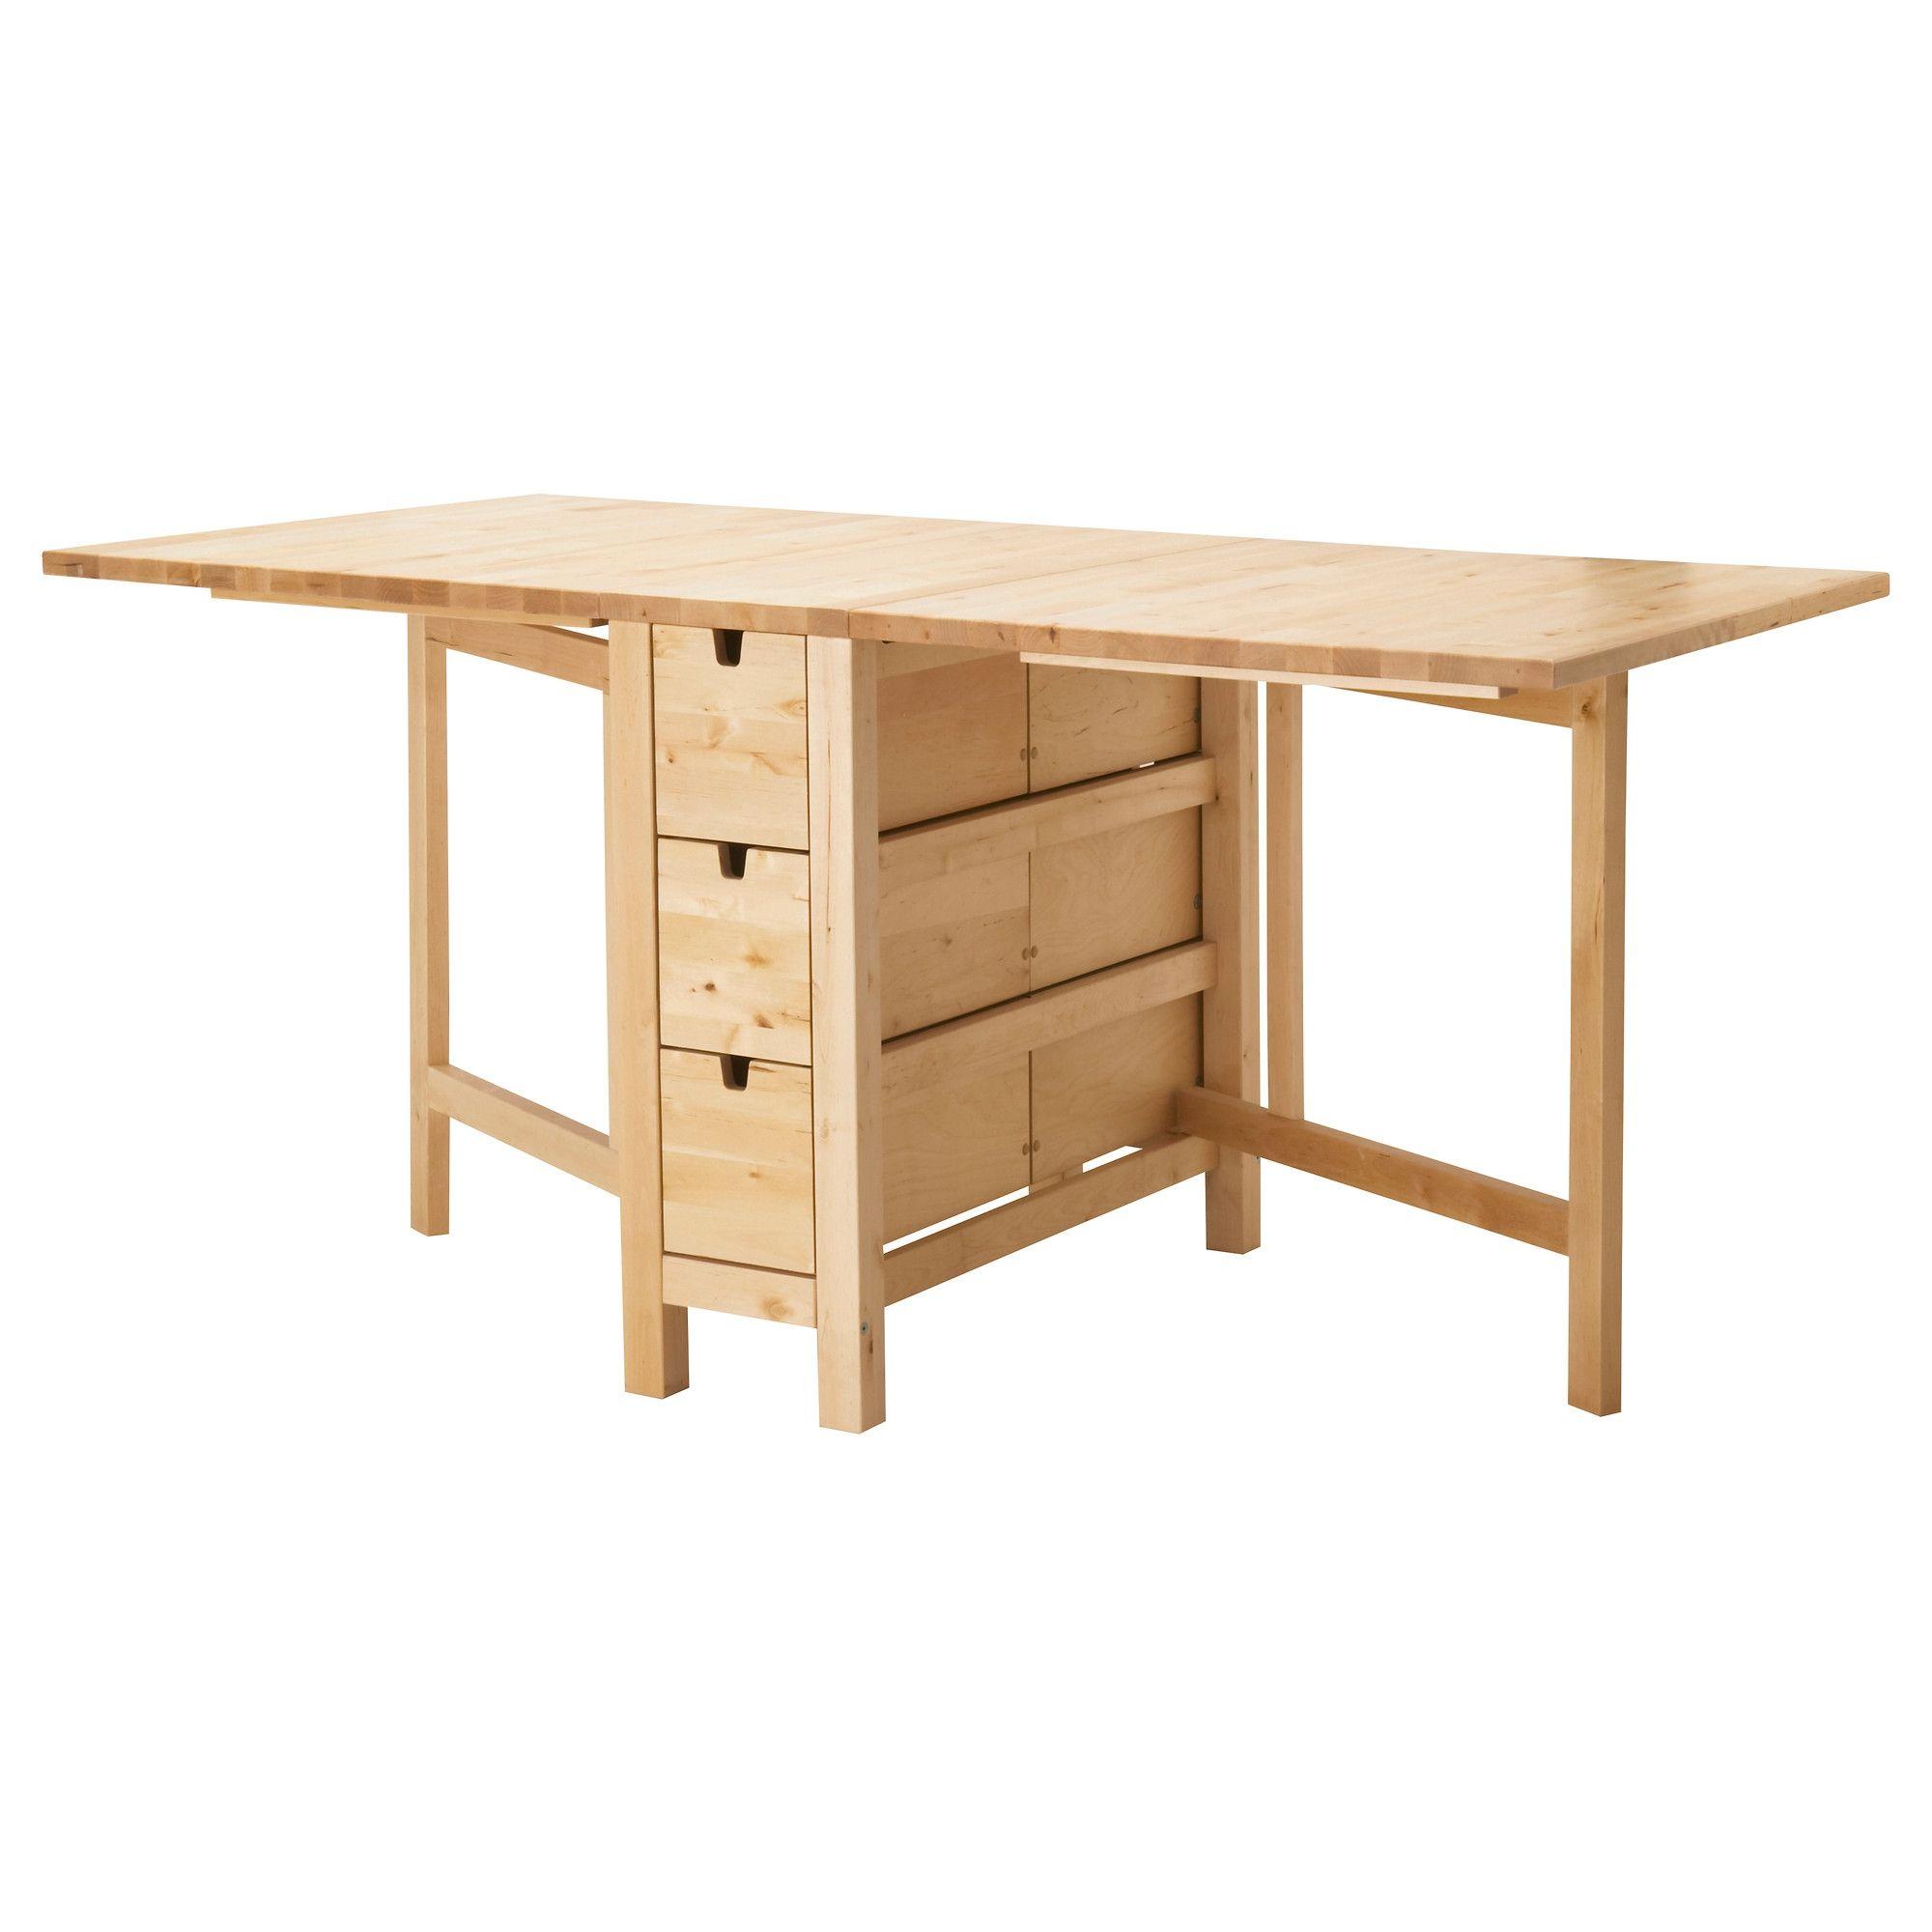 Mesa plegable para la cocina 190 norden muebles for Mesa plegable para balcon